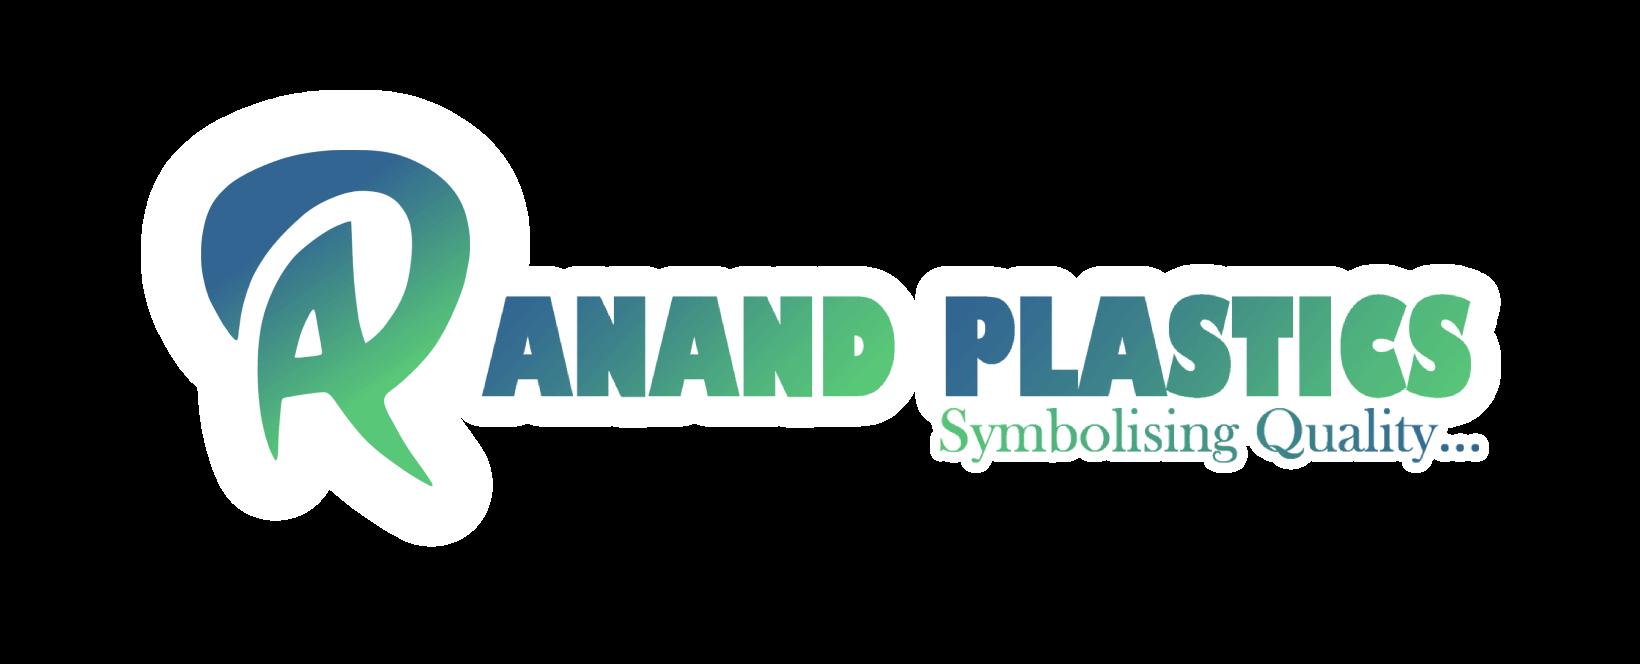 anandplastics.com logo